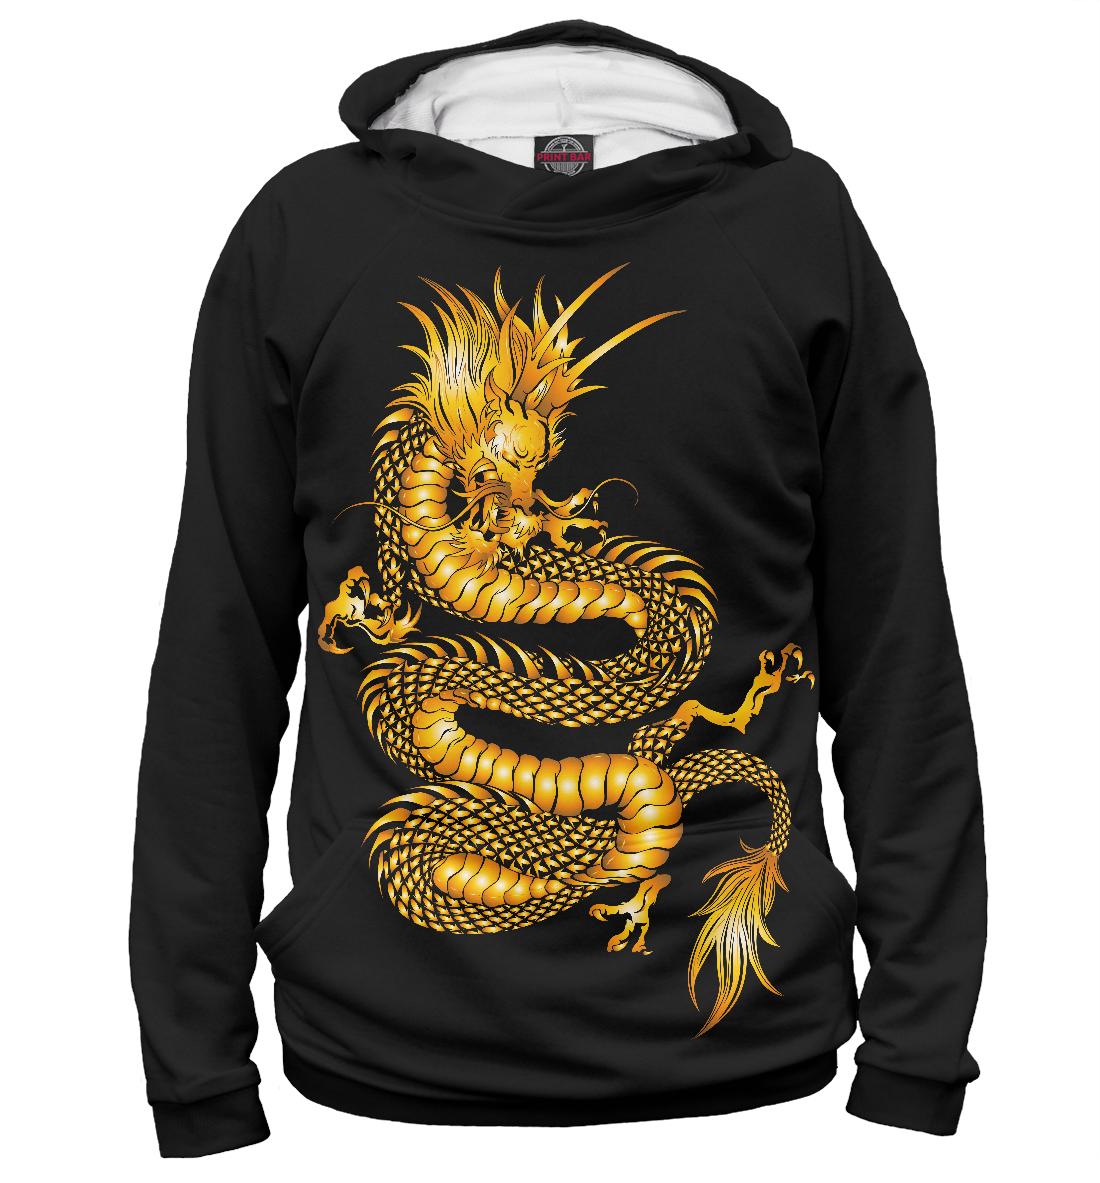 Купить Золотой Дракон, Printbar, Худи, DRA-480599-hud-1